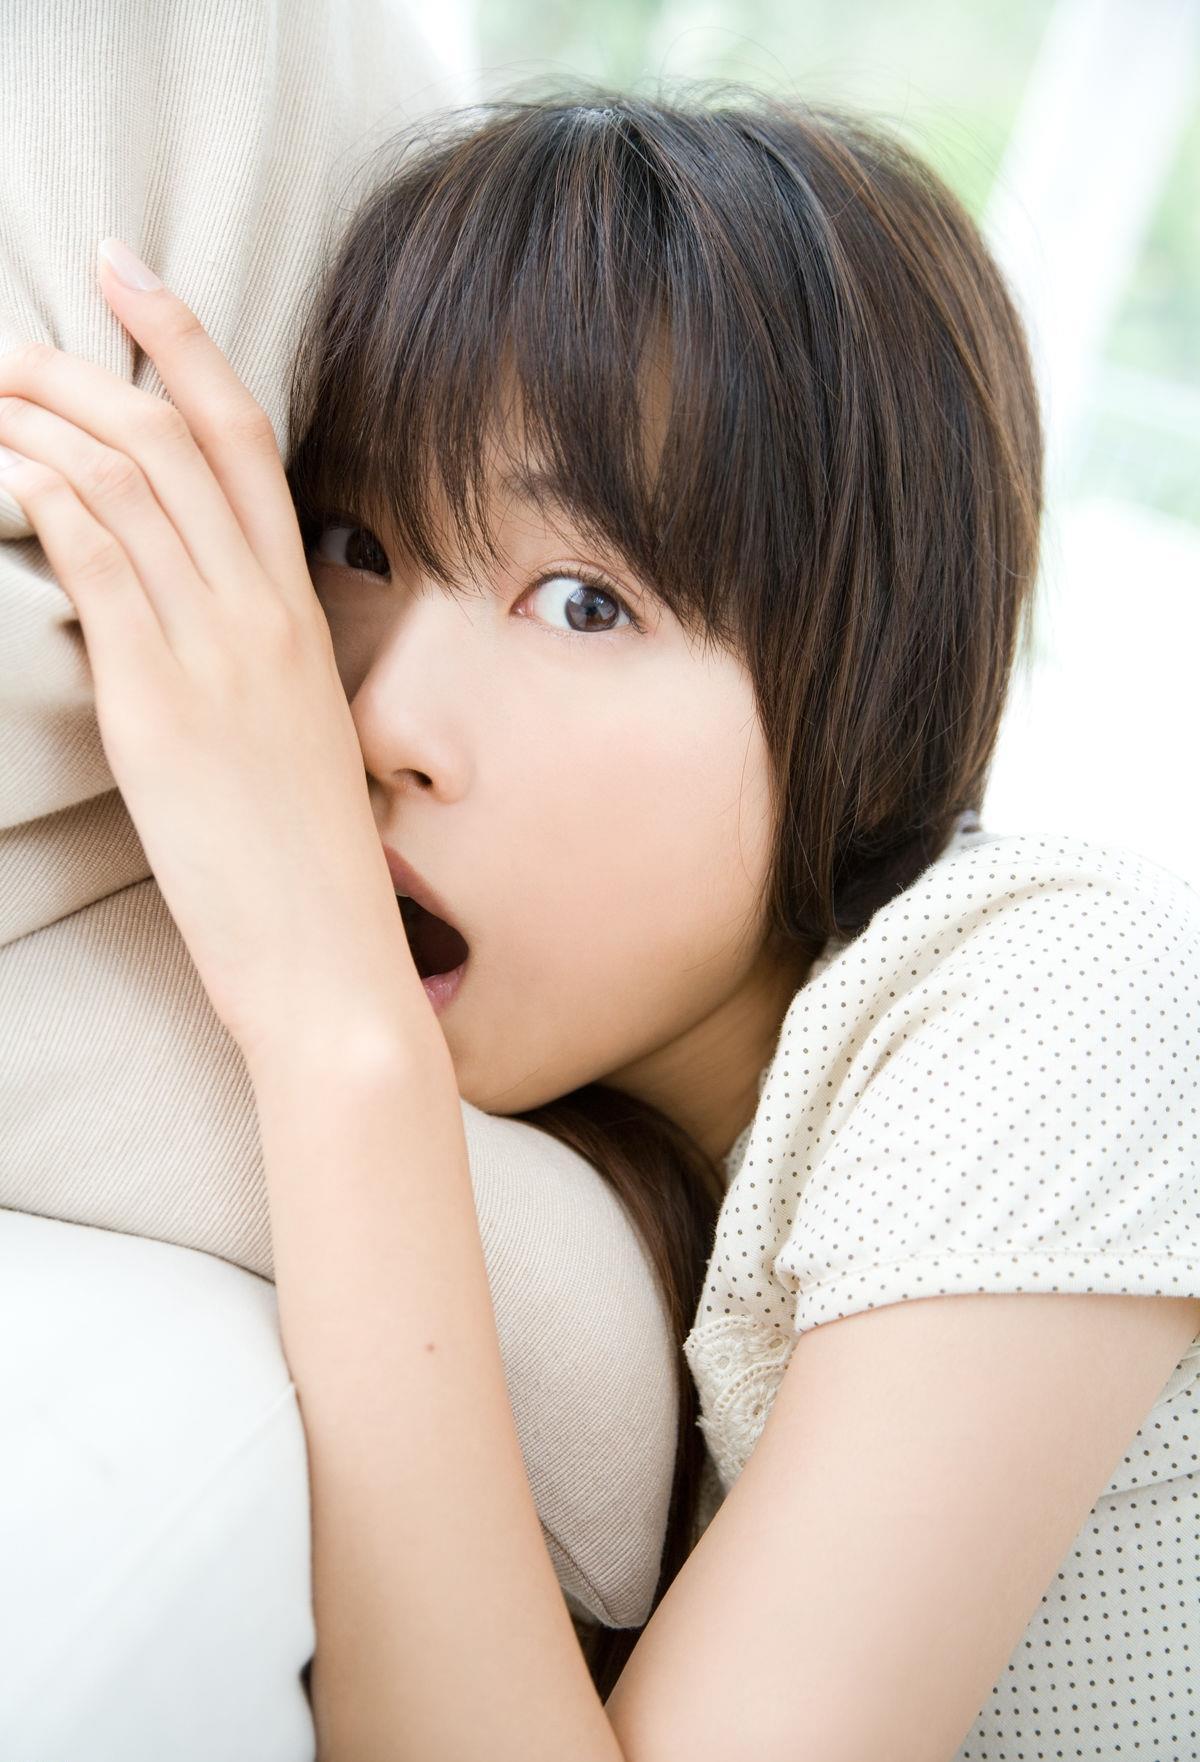 戸田恵梨香 画像 38